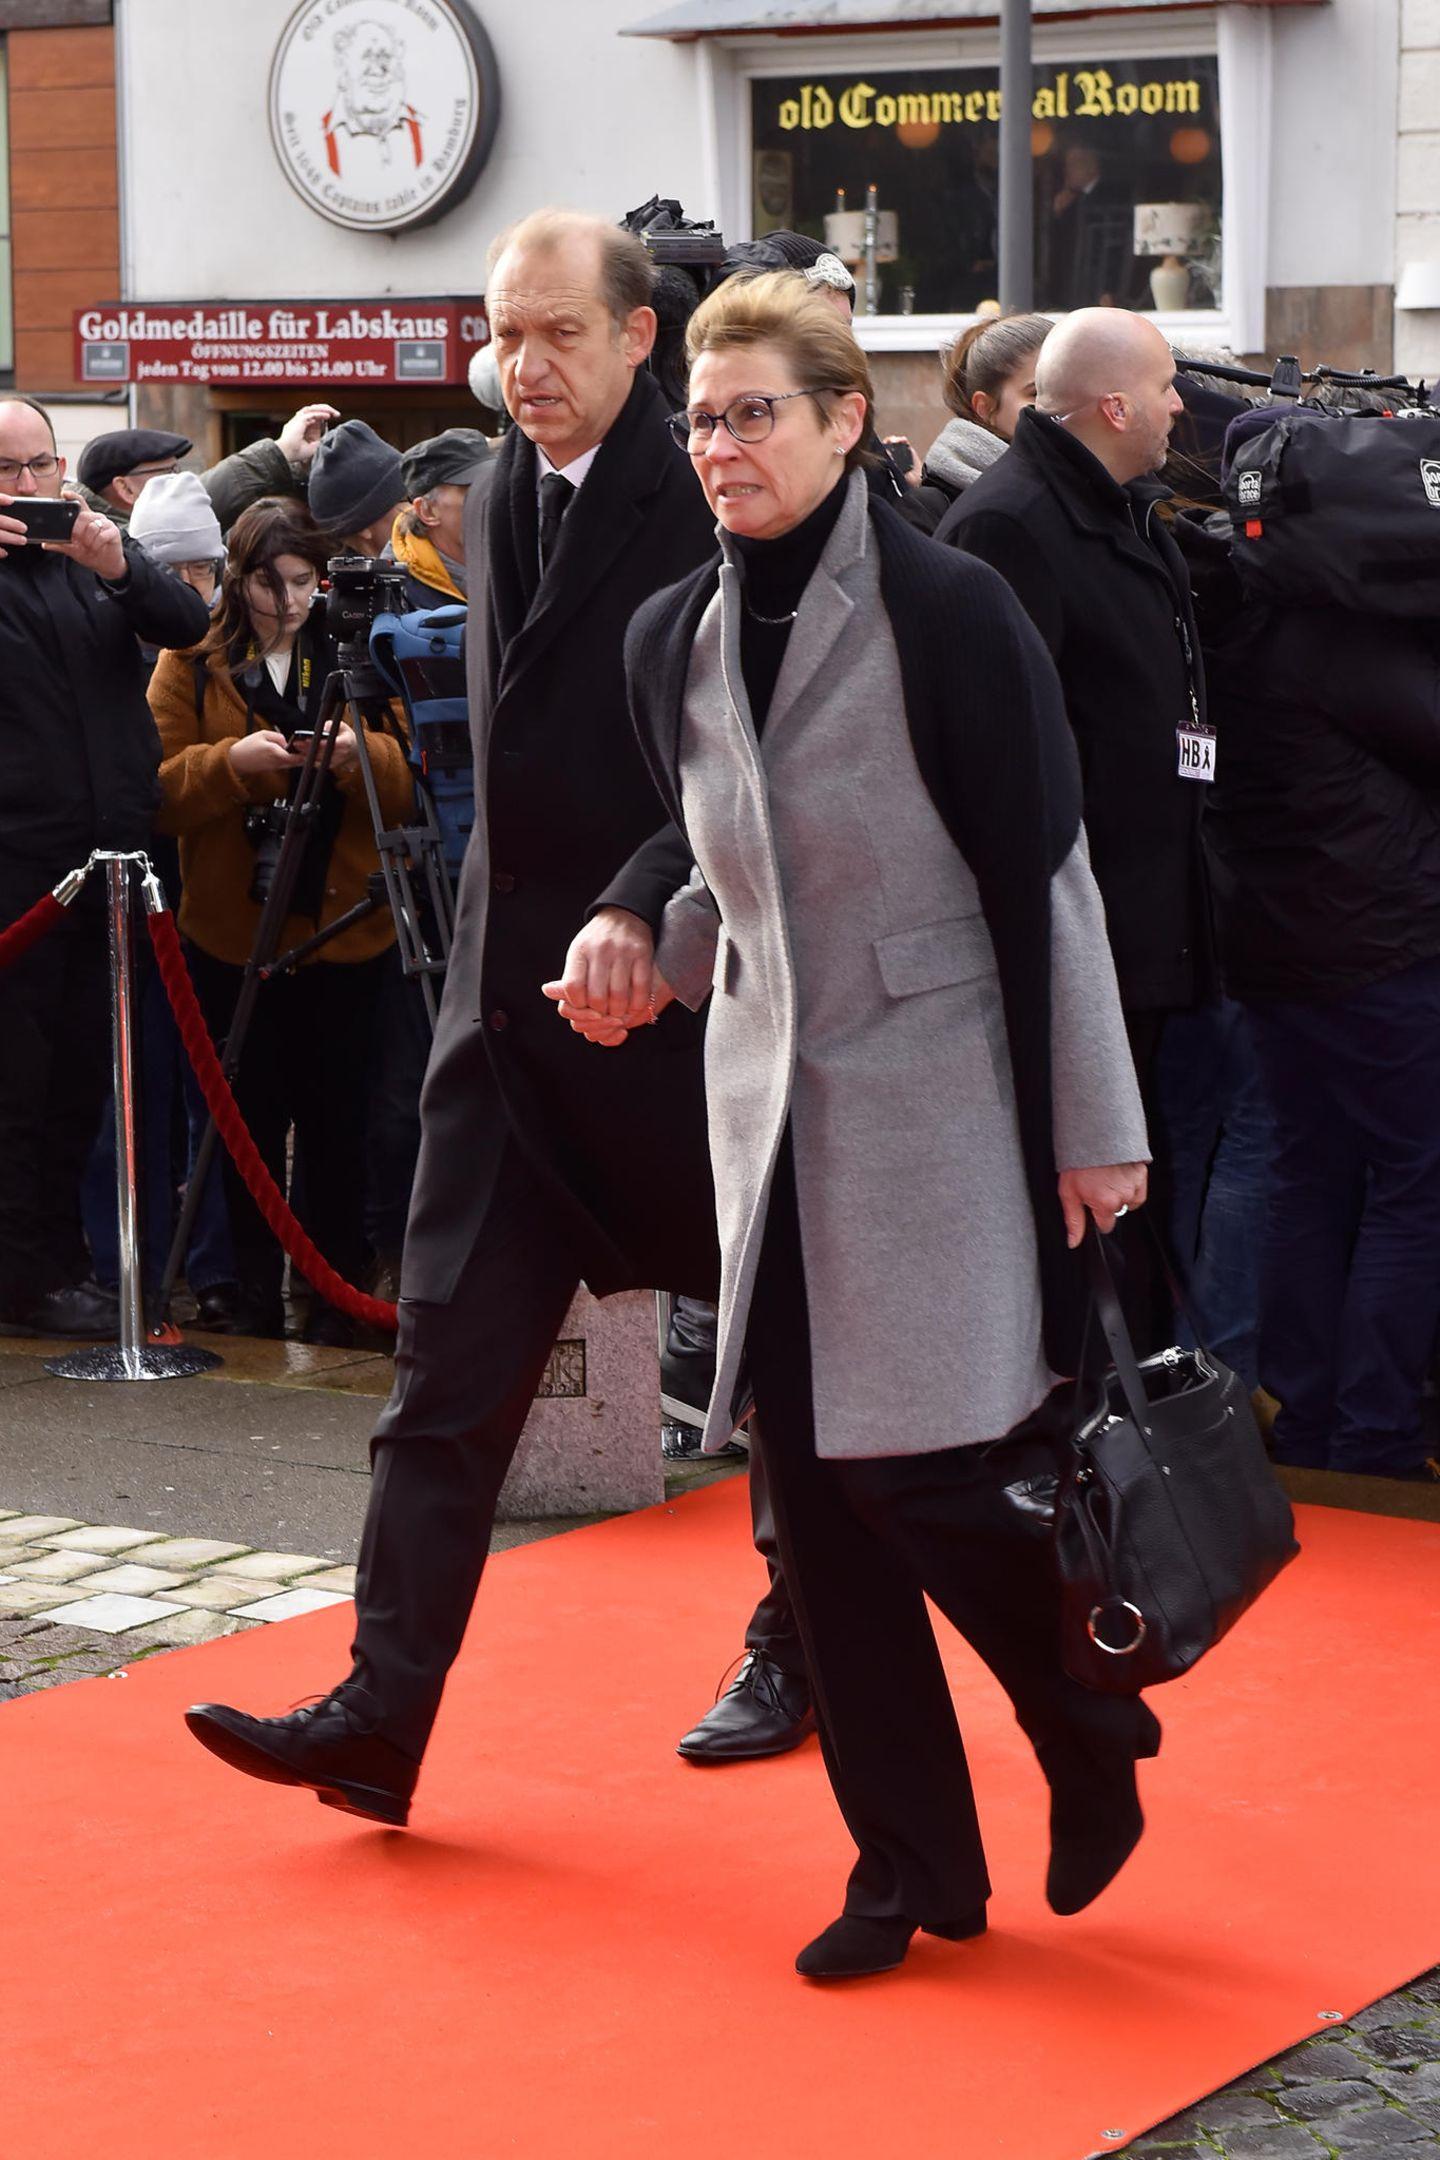 Peter Heinrich Brix + Ehefrau Angelika